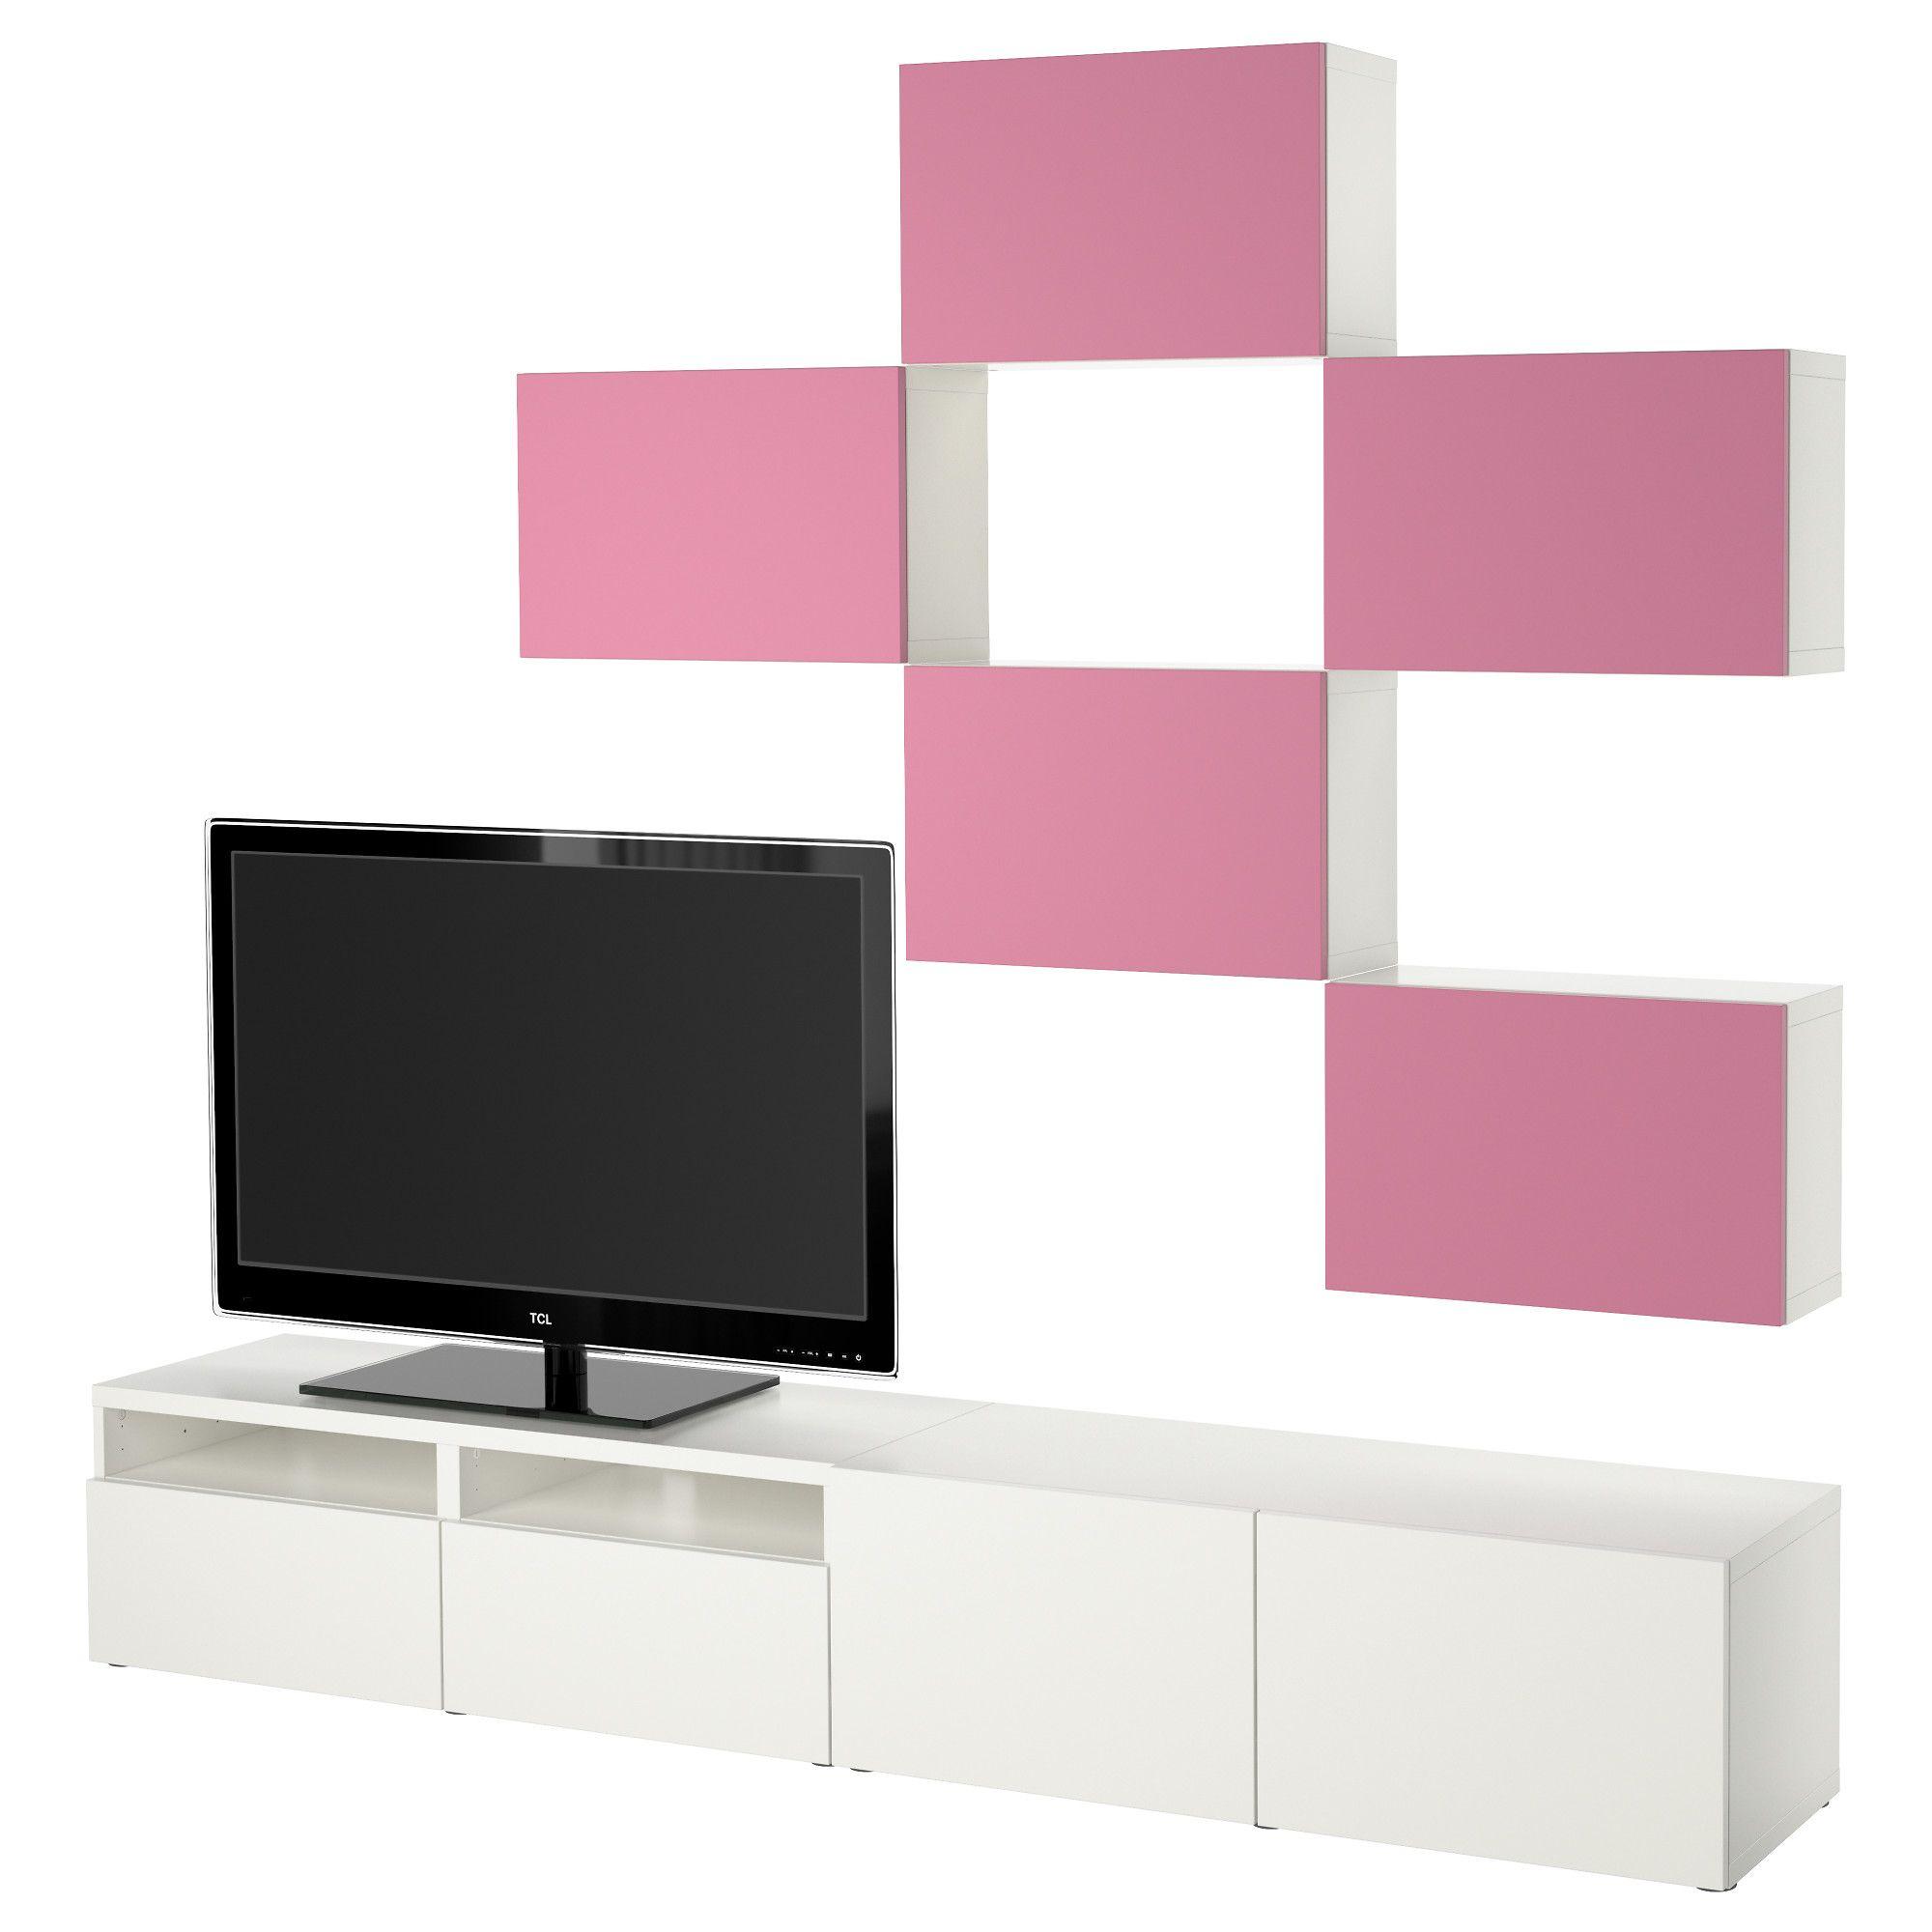 BESTÅ, TV Möbel, Kombination, Lappviken Rosa/weiß, Rosa/weiß